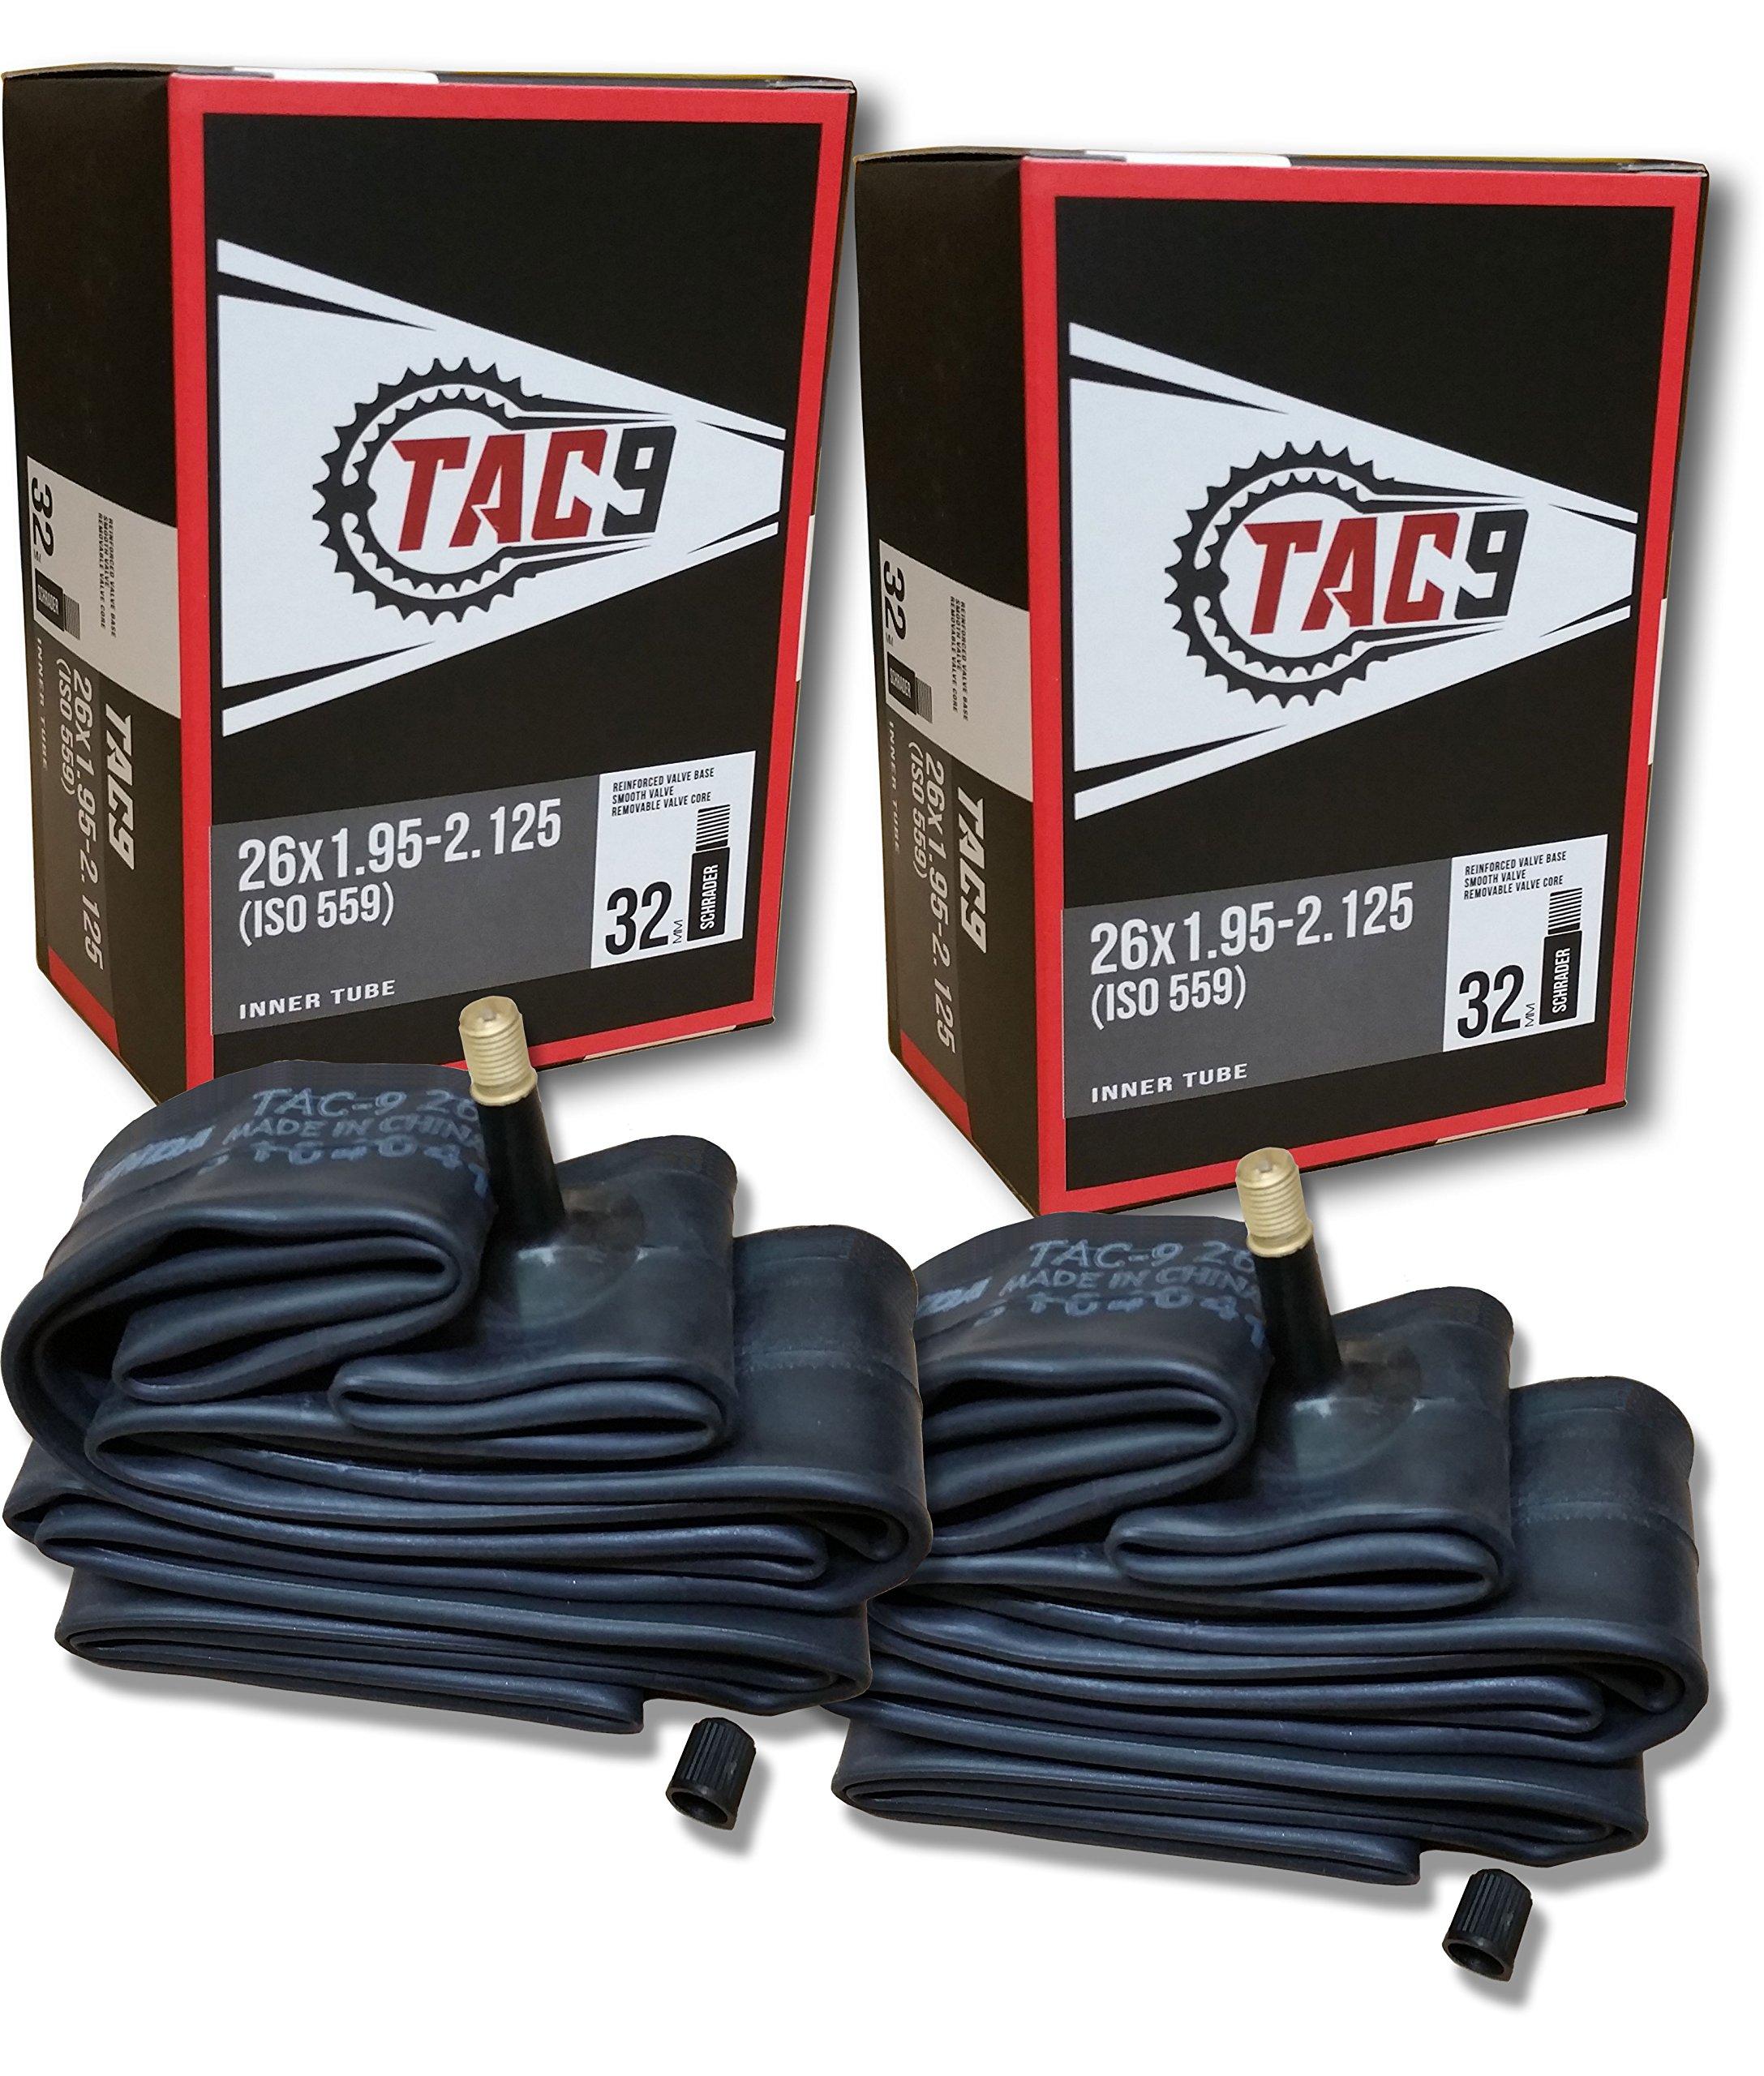 TAC 9 2 Pack Bike Tubes, 26 x 1.95-2.125'' Regular Valve 32mm - 2 Tubes ONLY Bundle by TAC 9